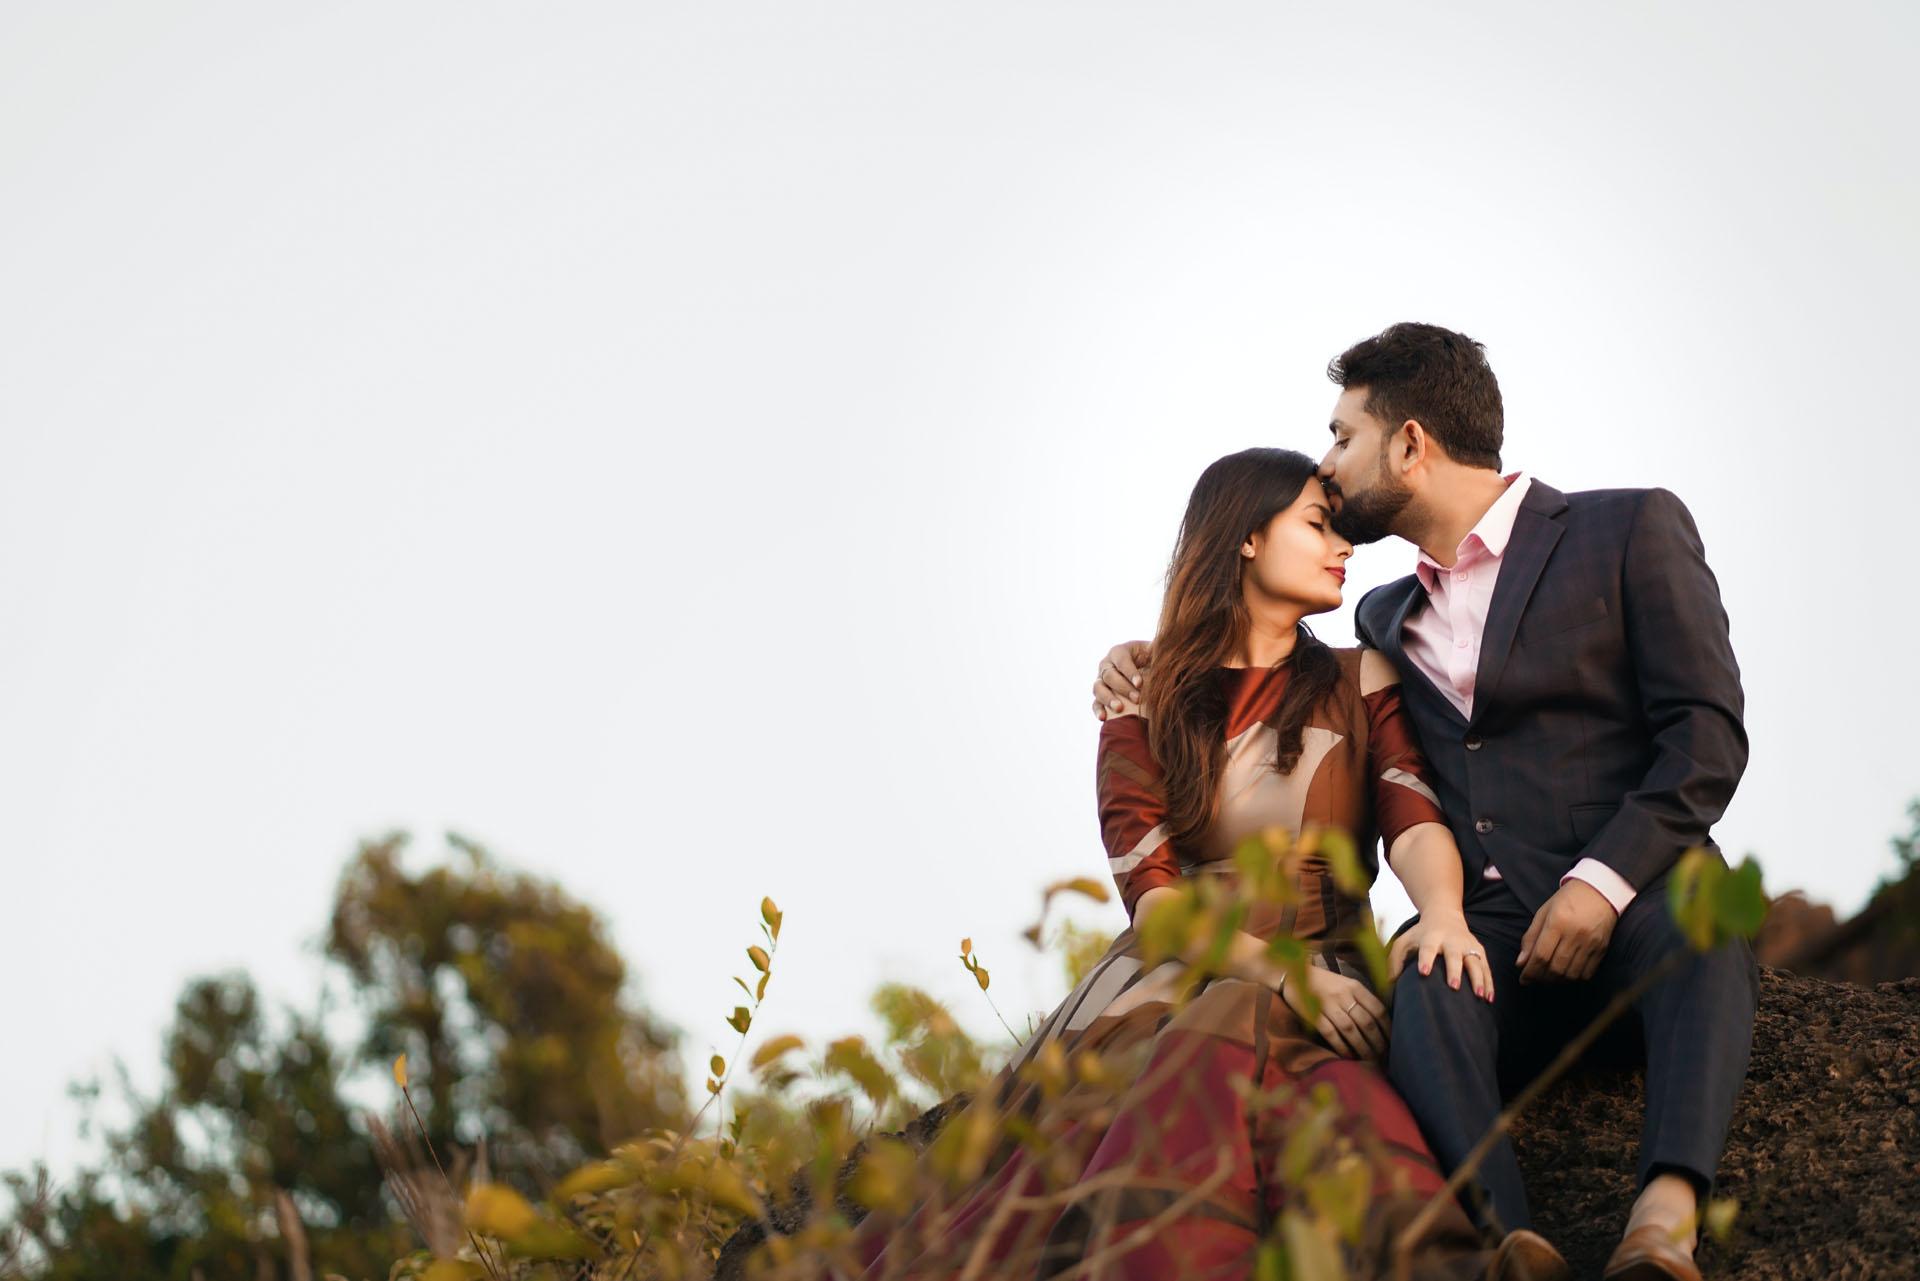 comment récupérer son ex sans tomber dans la friendzone